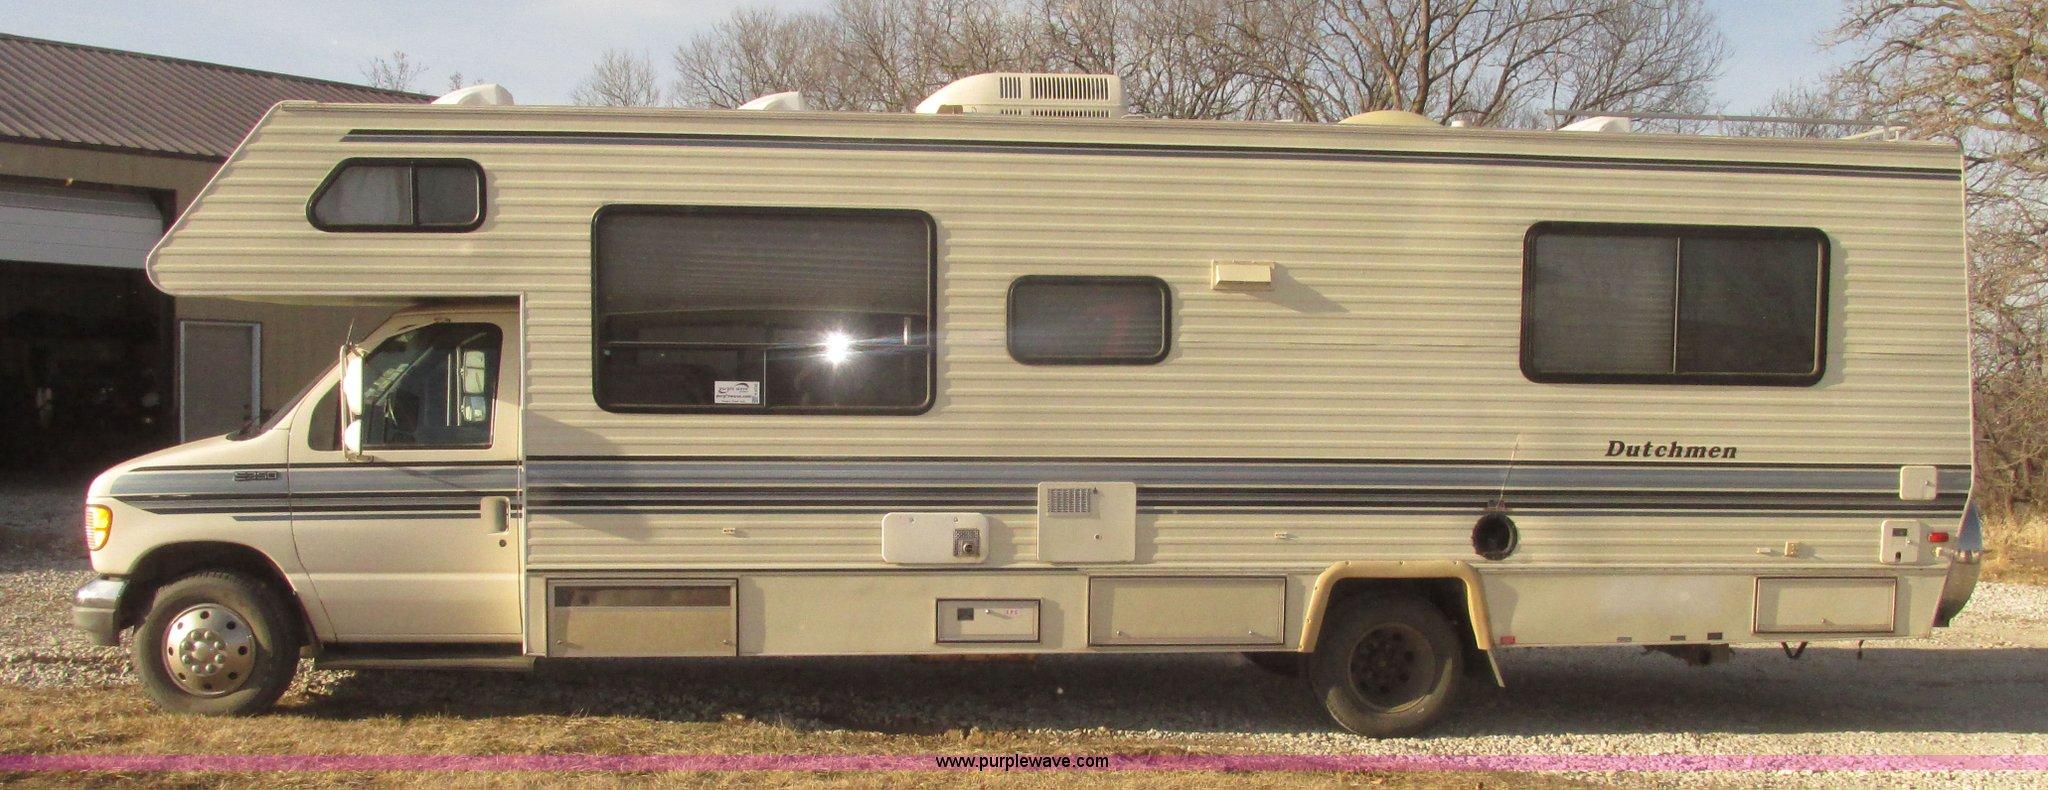 1993 Ford Econoline E350 Dutchman 30' RV | Item H4735 | SOLD... Dutchman Camper Wiring Harness on camper transformer, camper mirrors, camper strut, camper cover, camper water pump, camper seats, camper battery box, camper accessories, camper wiring cable, camper antenna, camper door handle, camper taillight wiring,